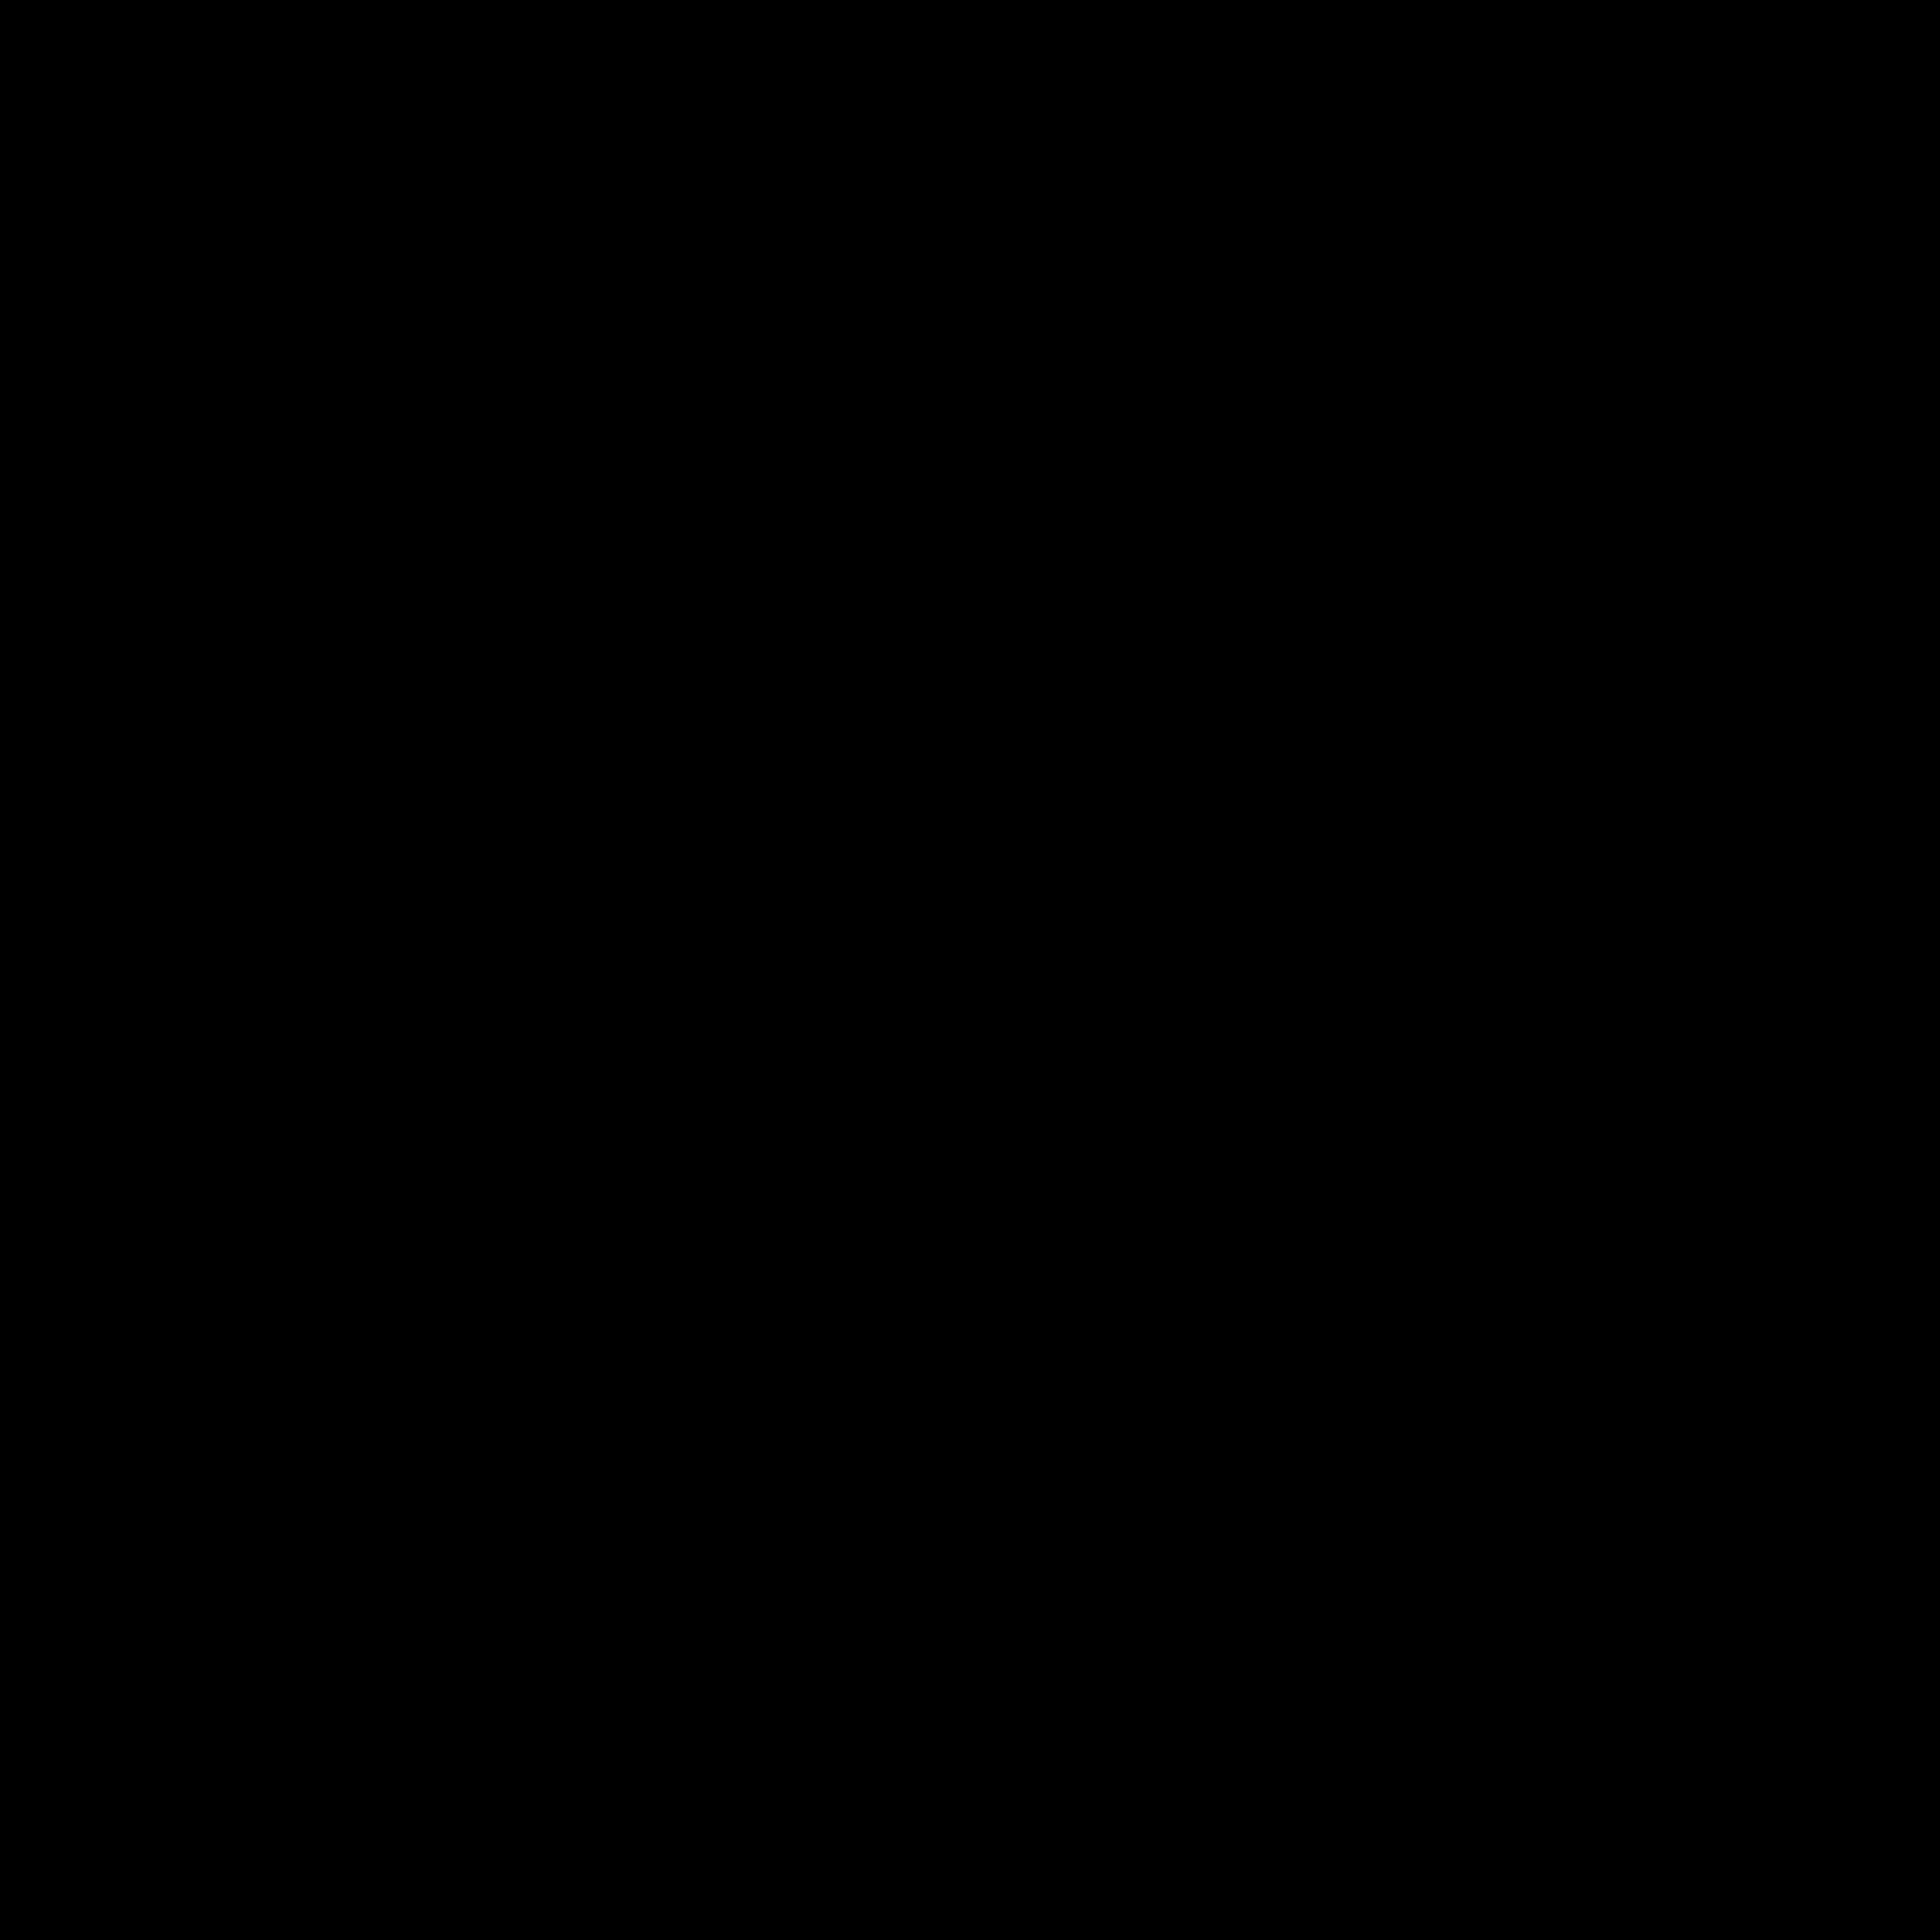 podcast_ep1_Jeff